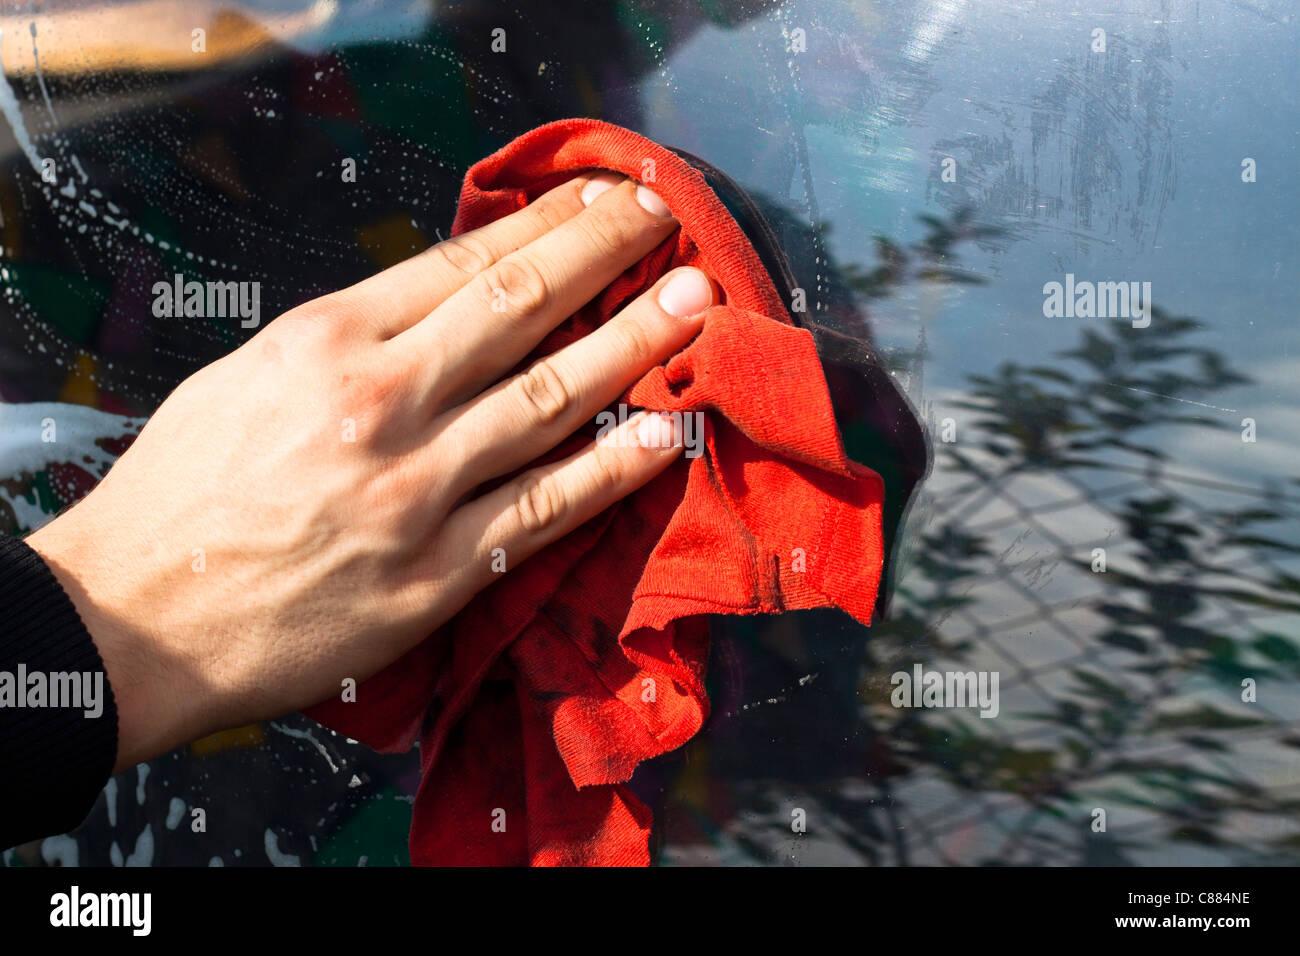 La mano del hombre con trapo rojo lavado car window. Imagen De Stock